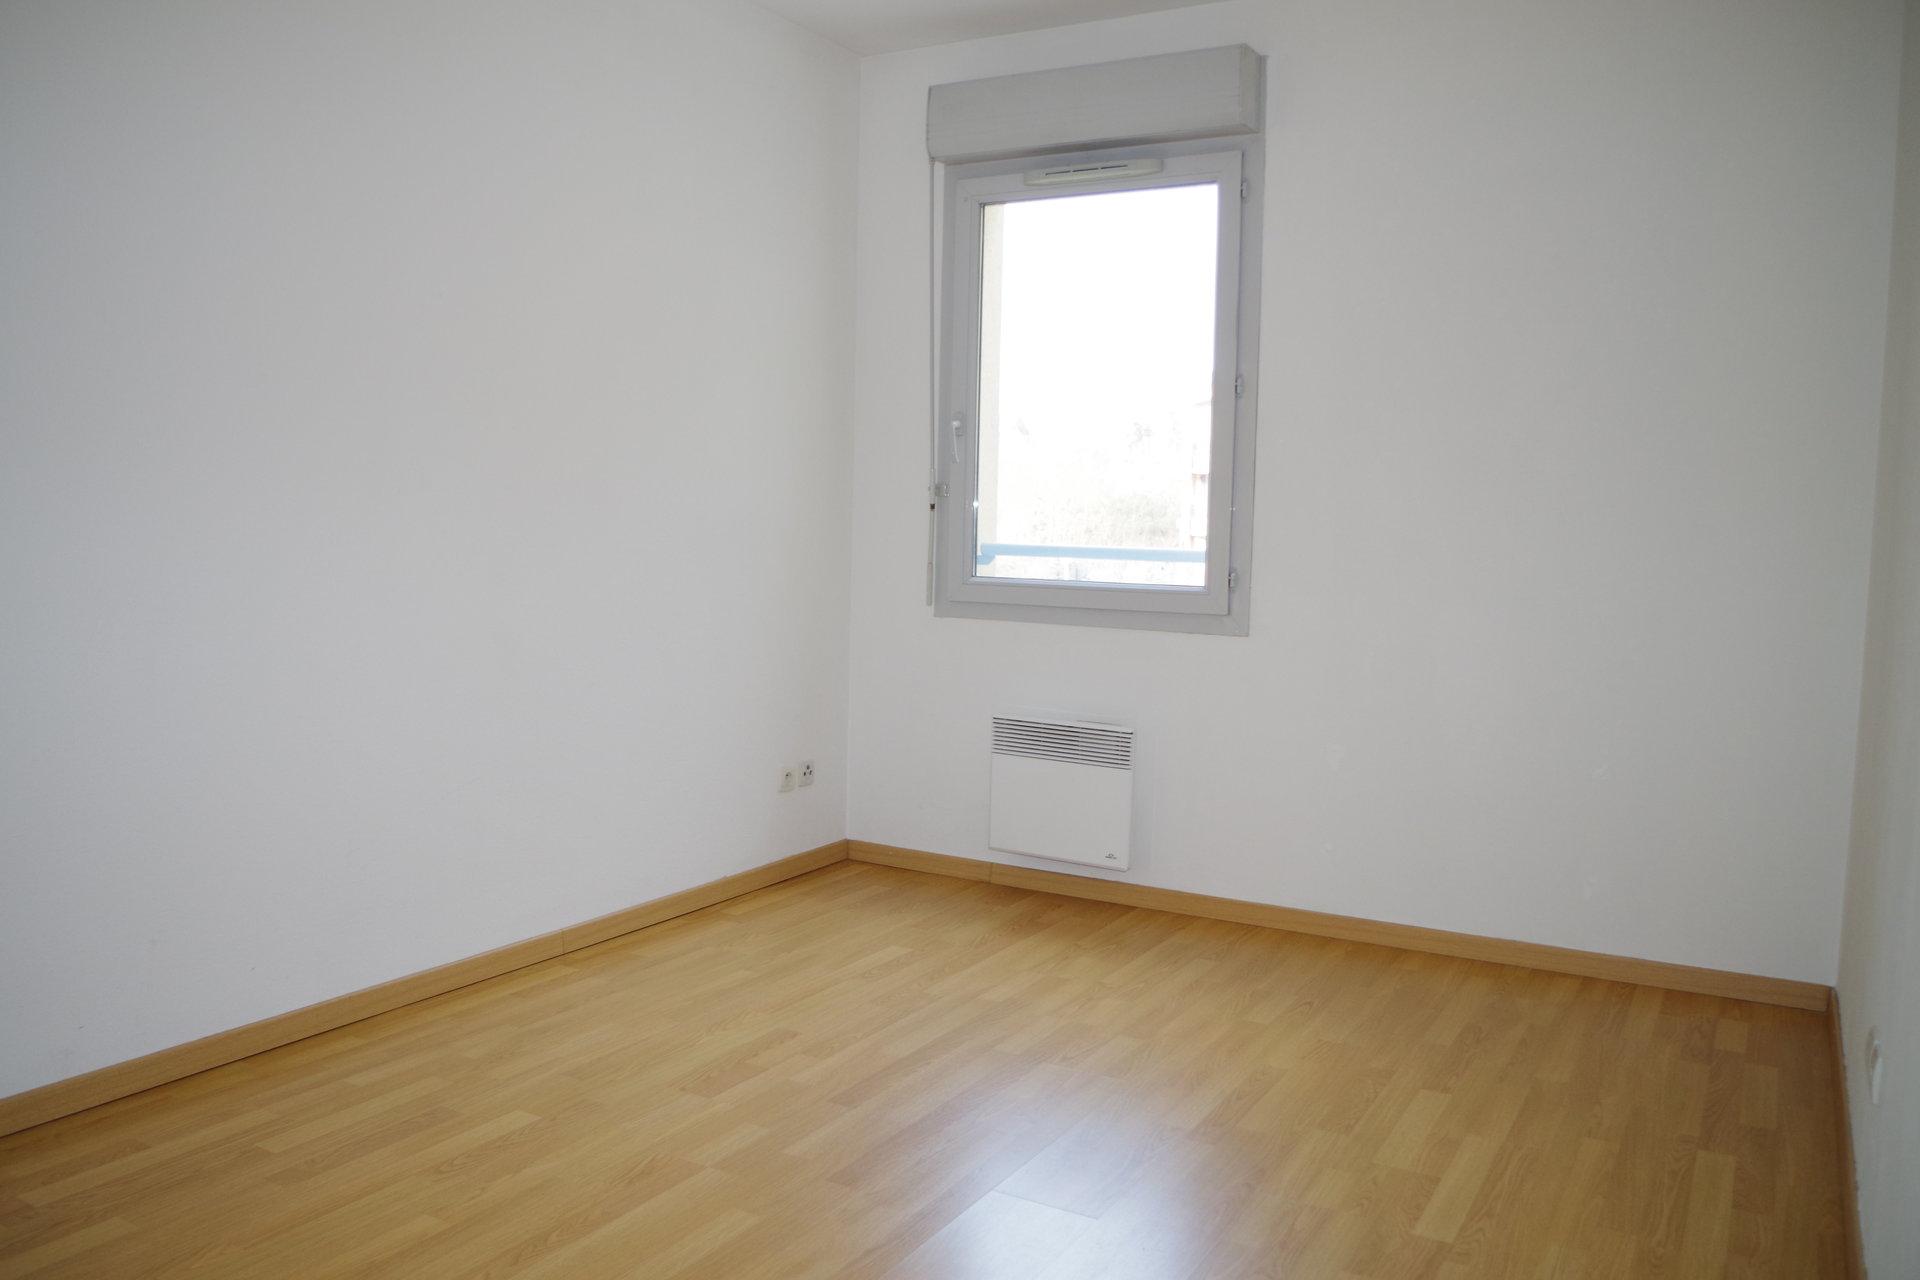 Appartement T3 -  72 m² - TOULOUSE L'ORMEAU